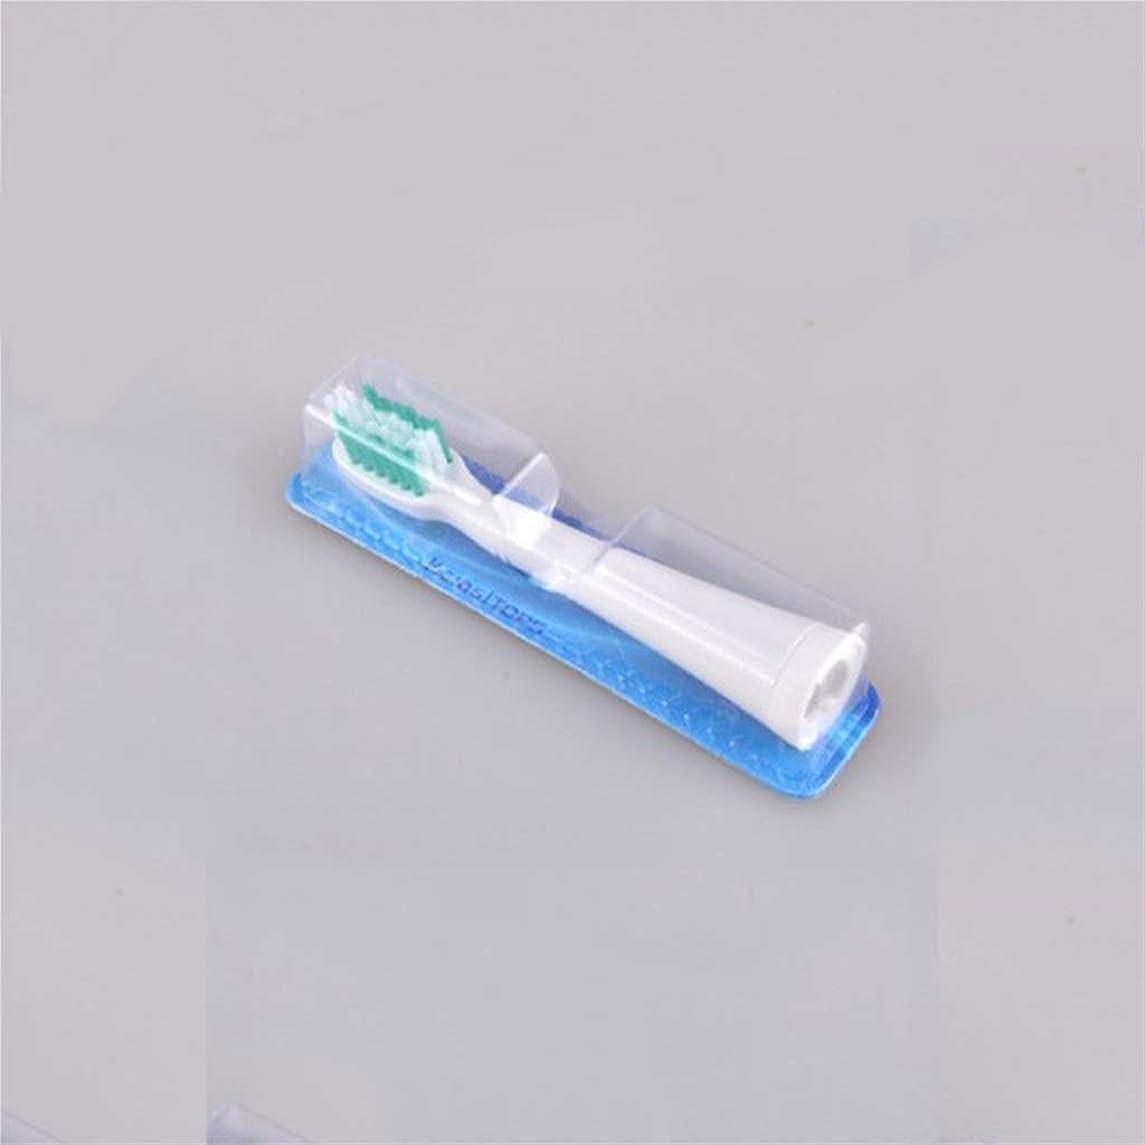 野望ぼろソース電動歯ブラシ 大人の子供の家庭用電動歯ブラシ超音波振動誘導充電柔らかい毛の歯ブラシ (色 : A)